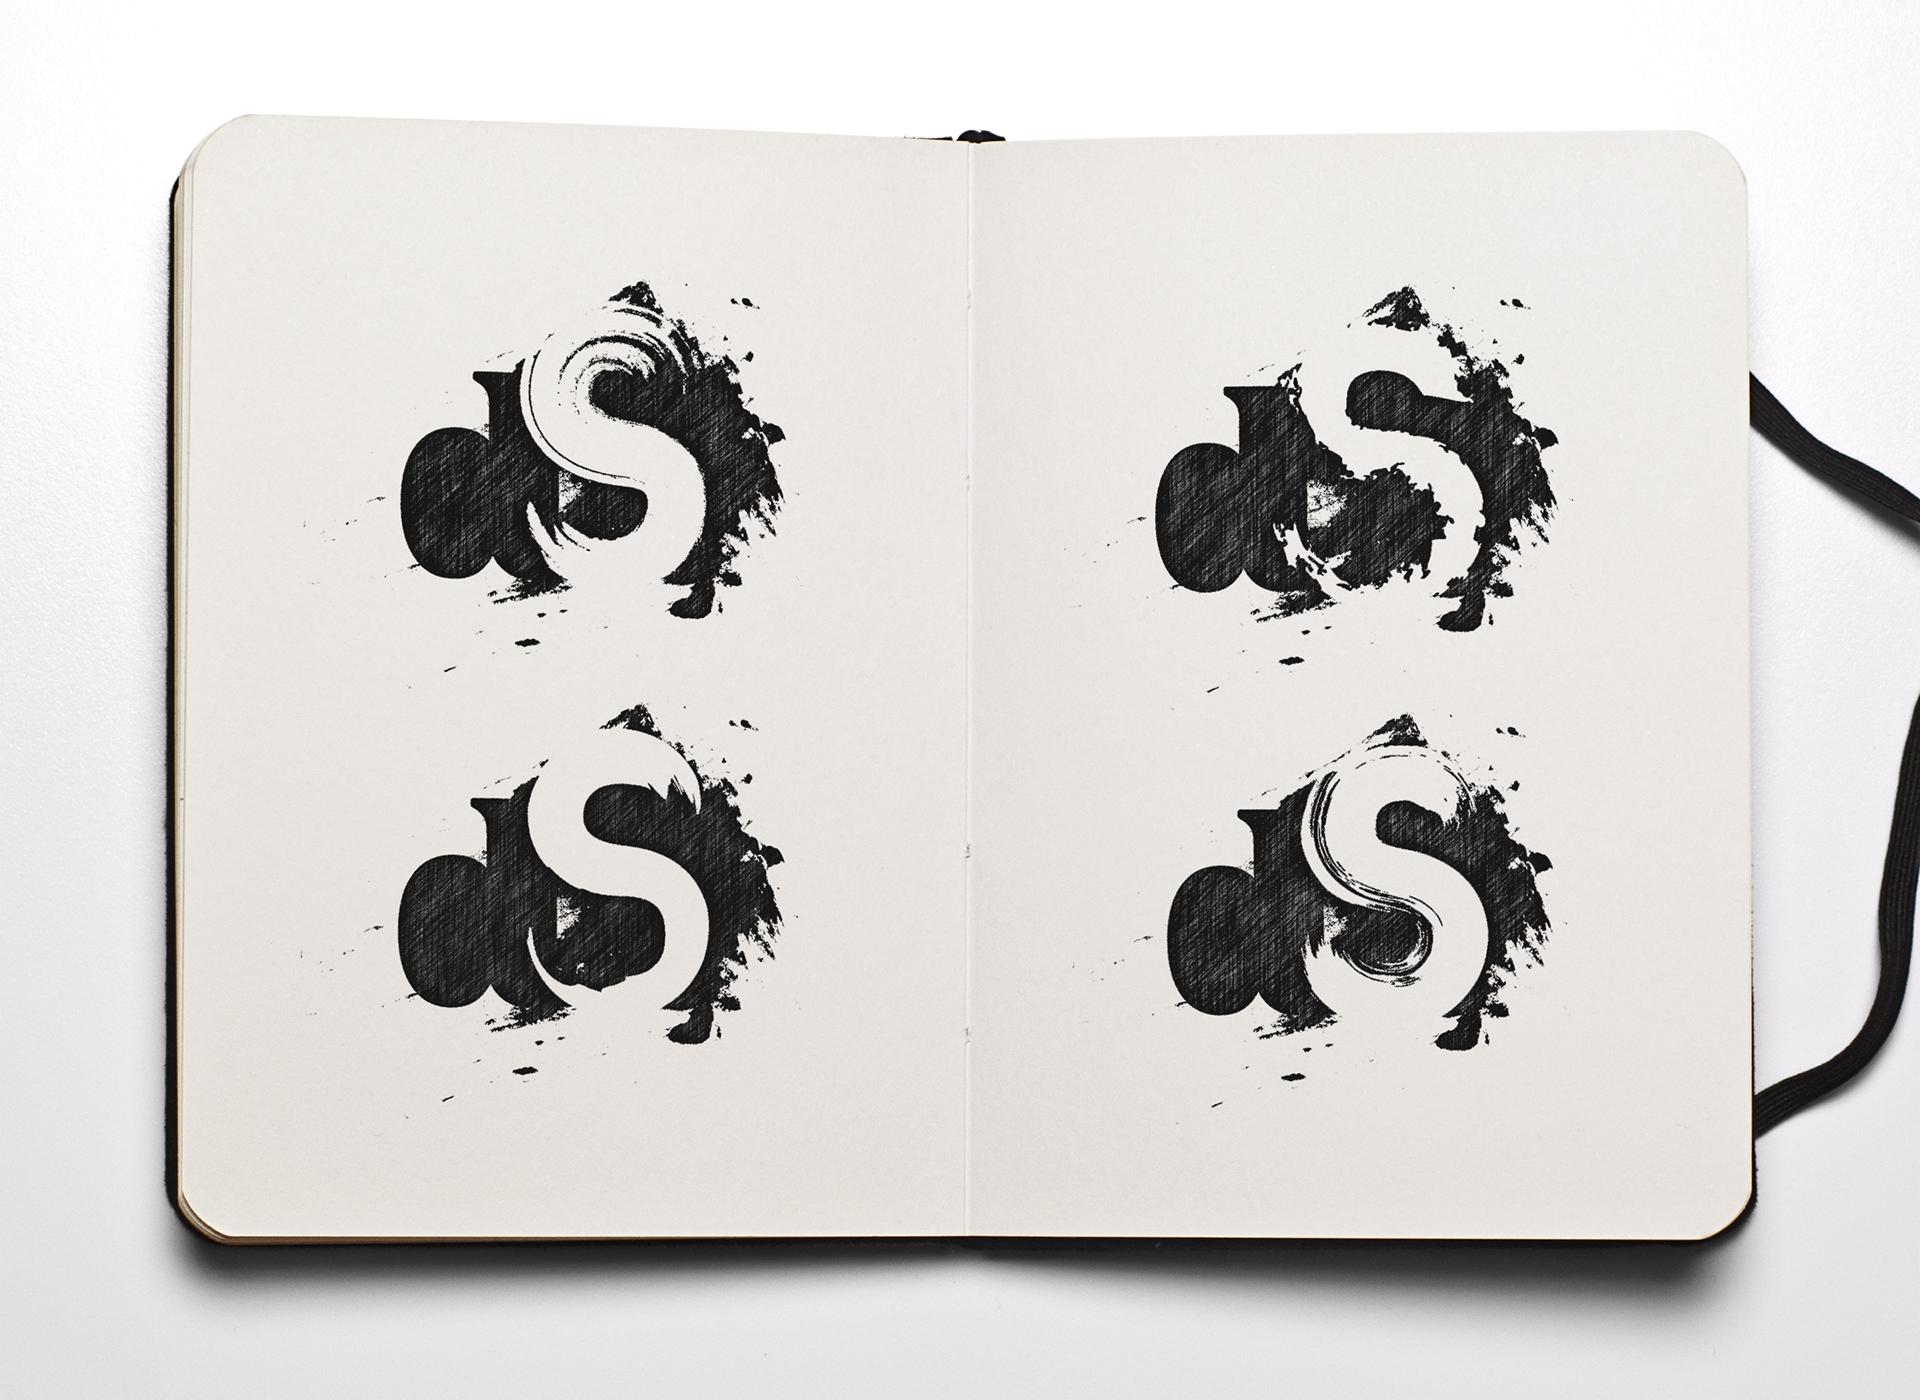 derSchwarzmaler Sketchbook